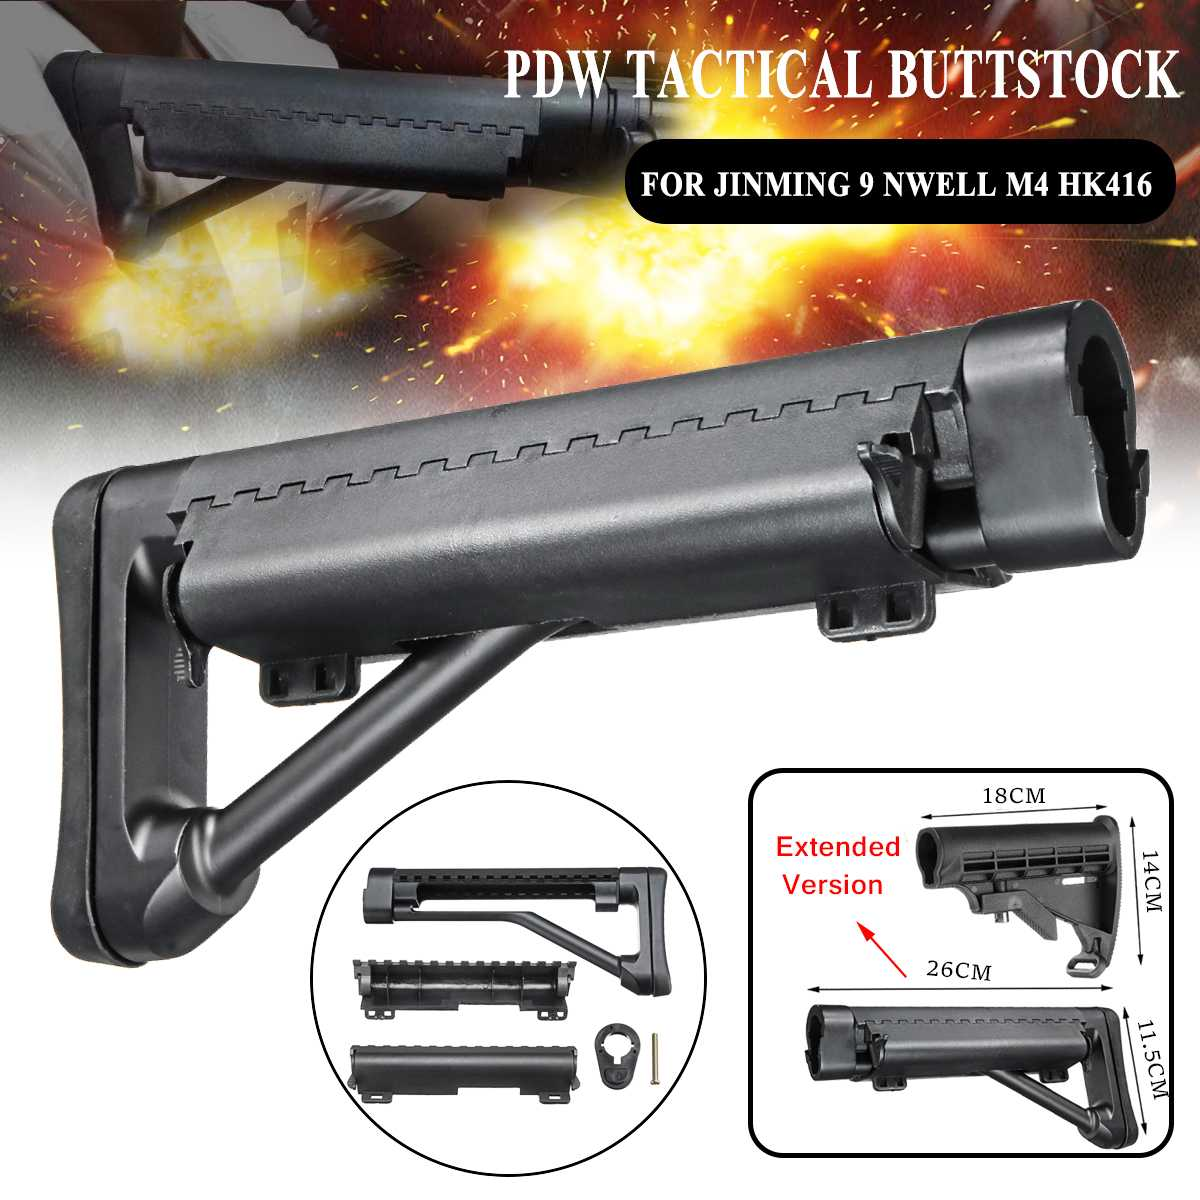 PDW bouton en Nylon tactique pour Jinming 9 NWELL M4 HK416 BD556 TTM LTD416 accessoires de rechange pour pistolets à billes Gel